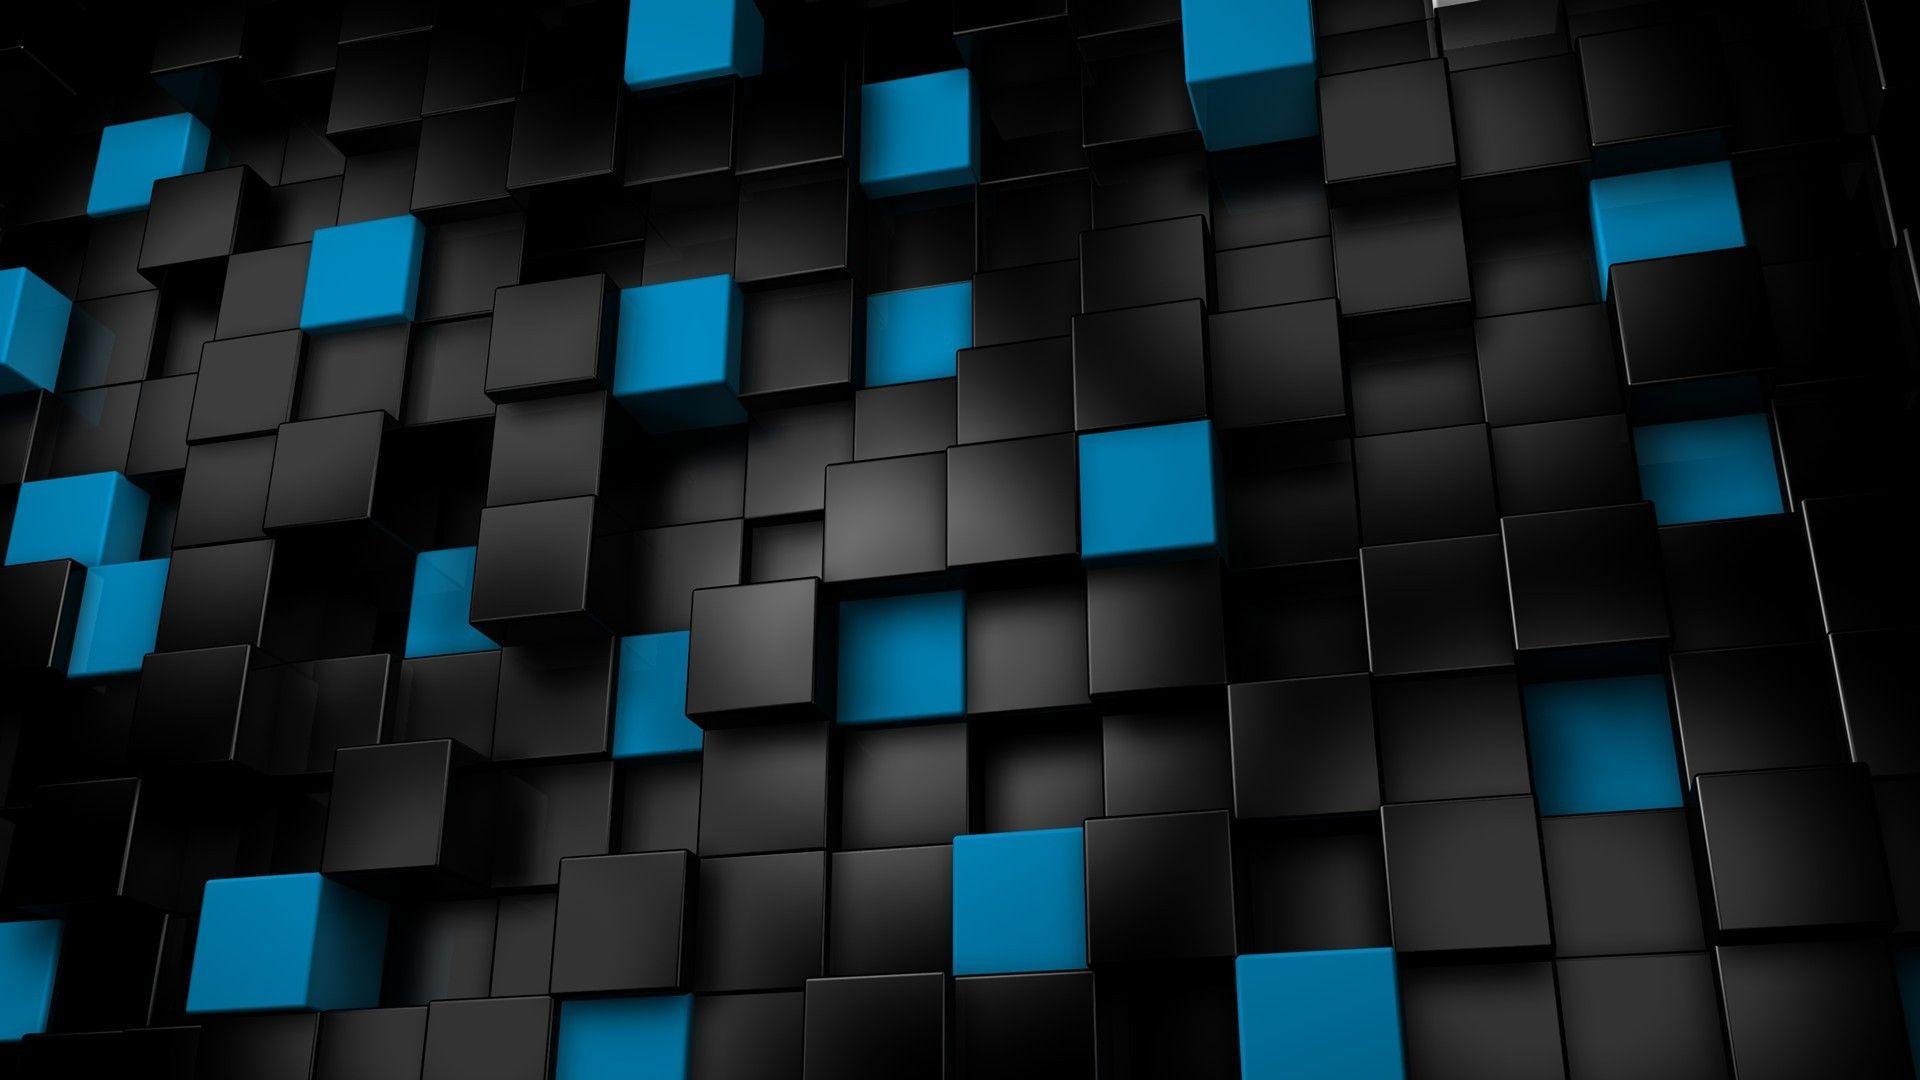 Hình nền 3D 1920x1080 cho máy tính bảng